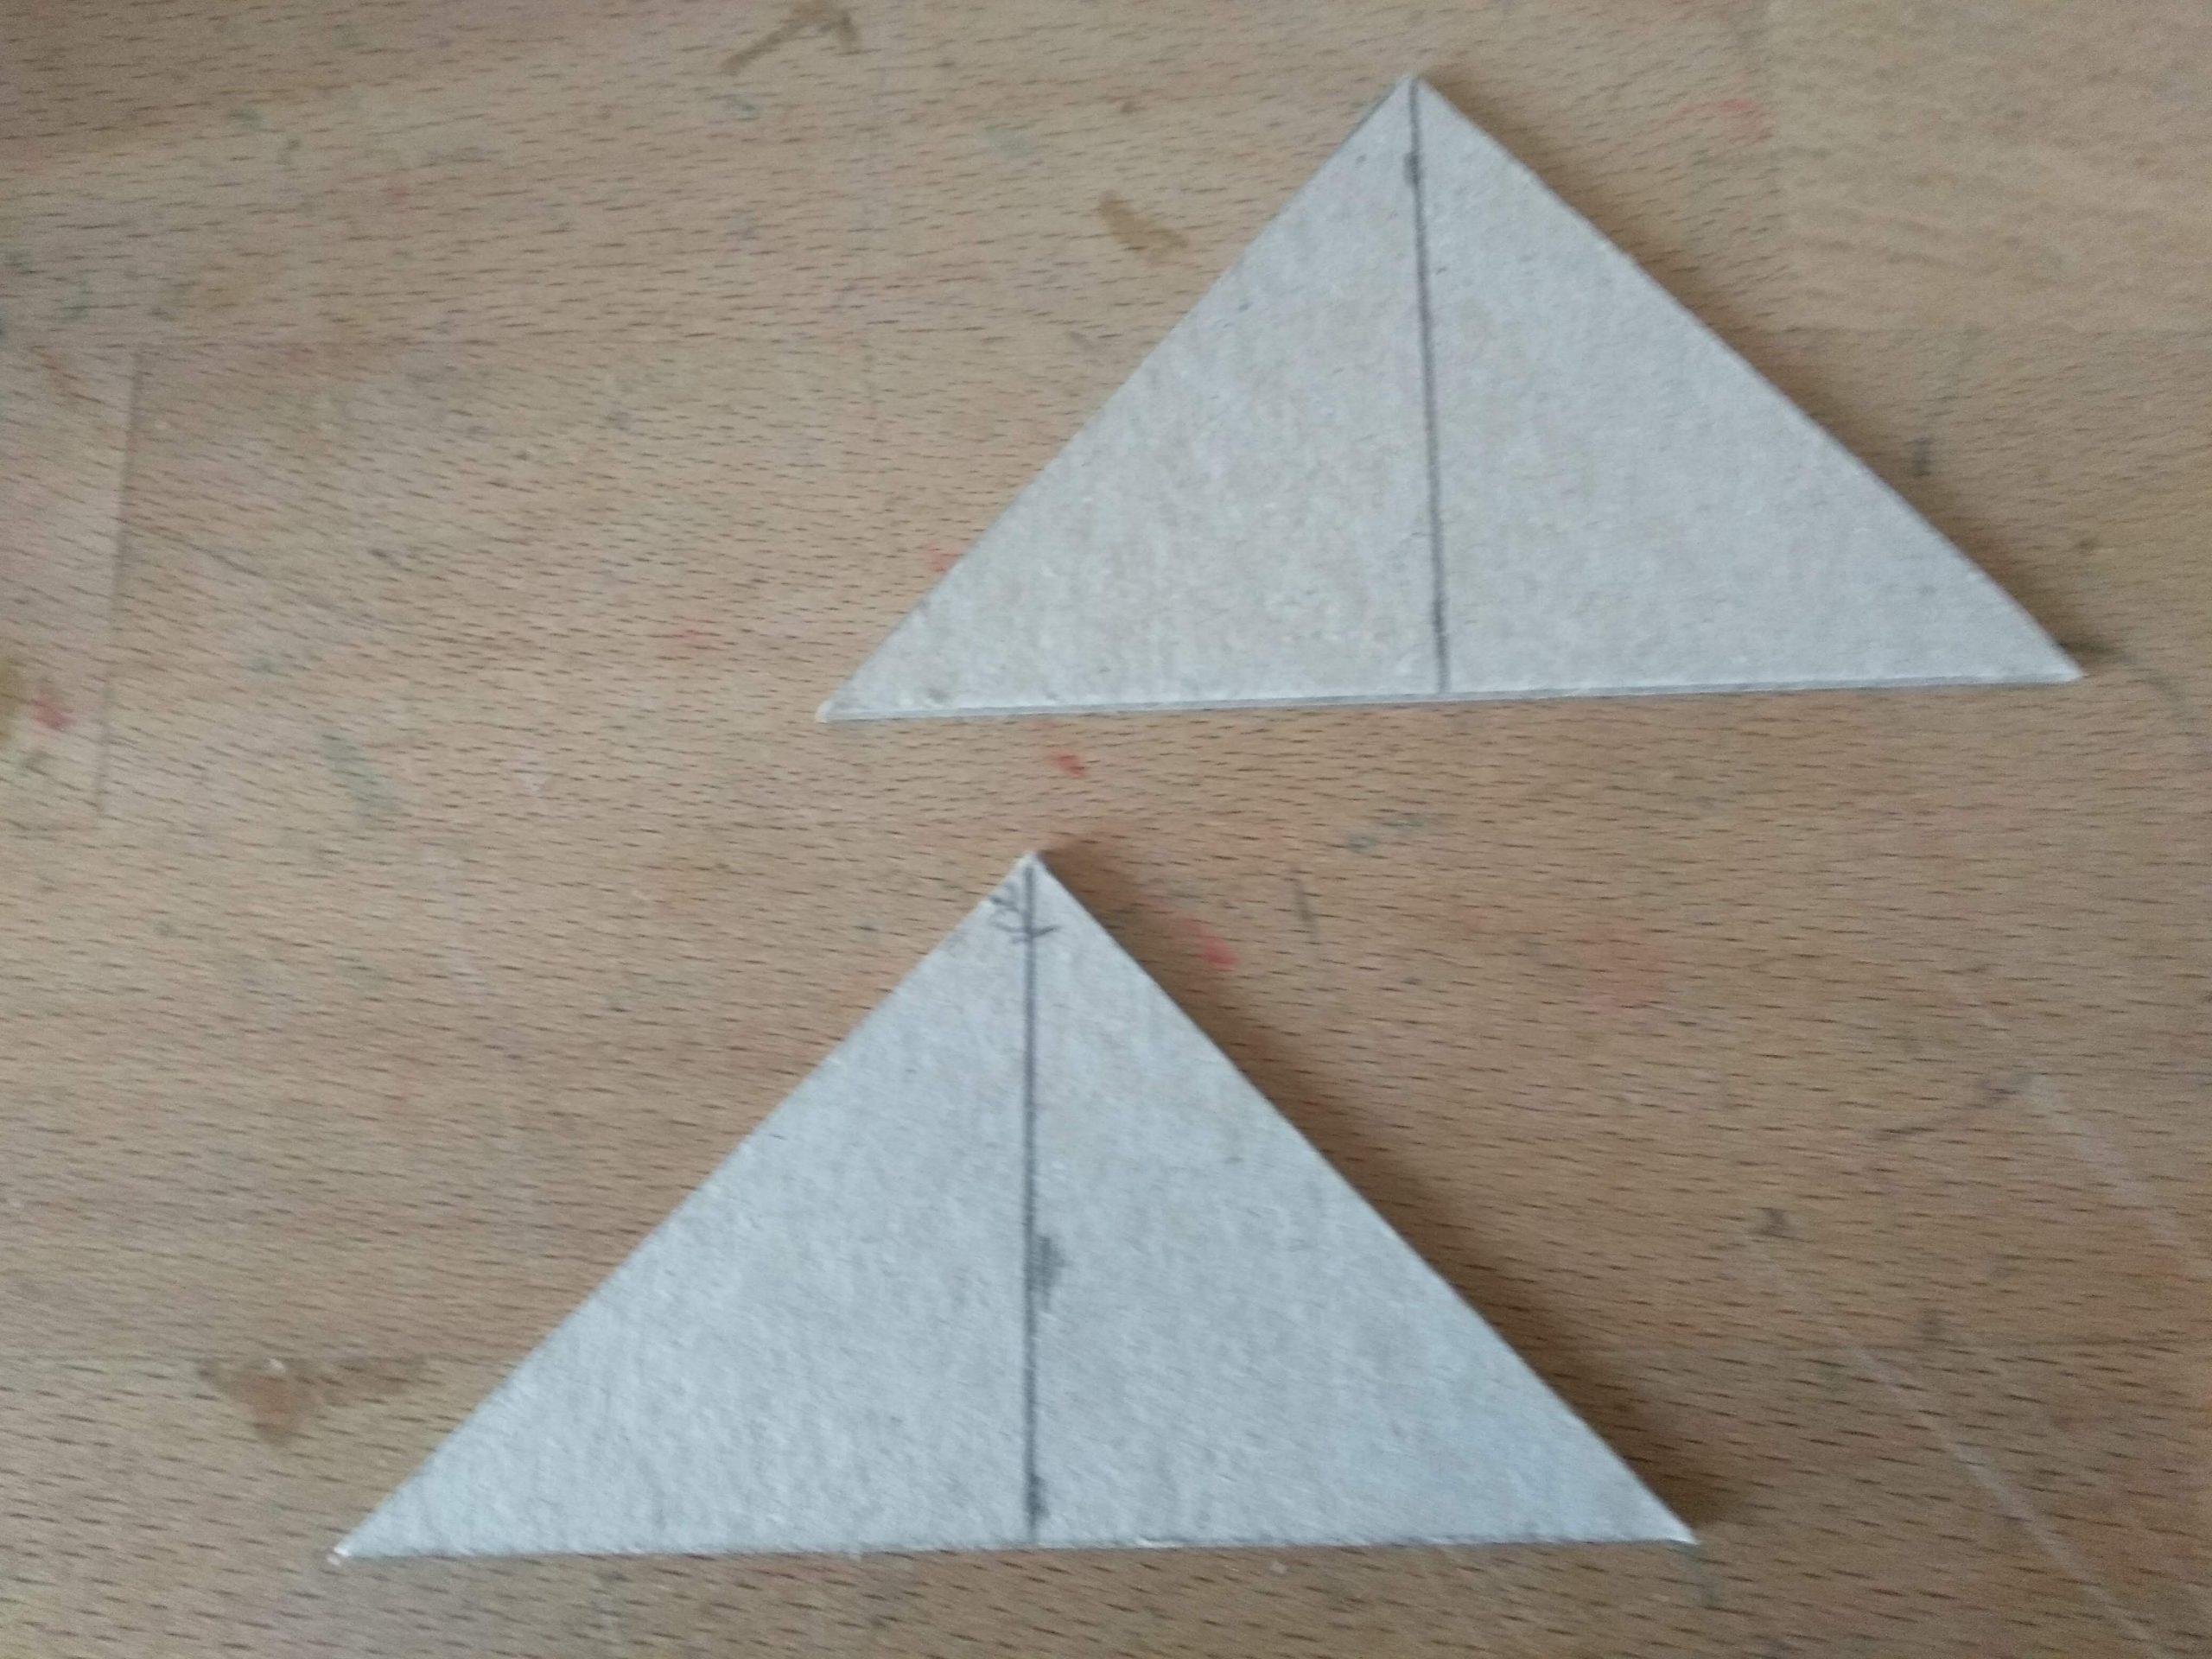 Triángulos de cartón para pegar a los laterales de la casa y darle forma al tejado